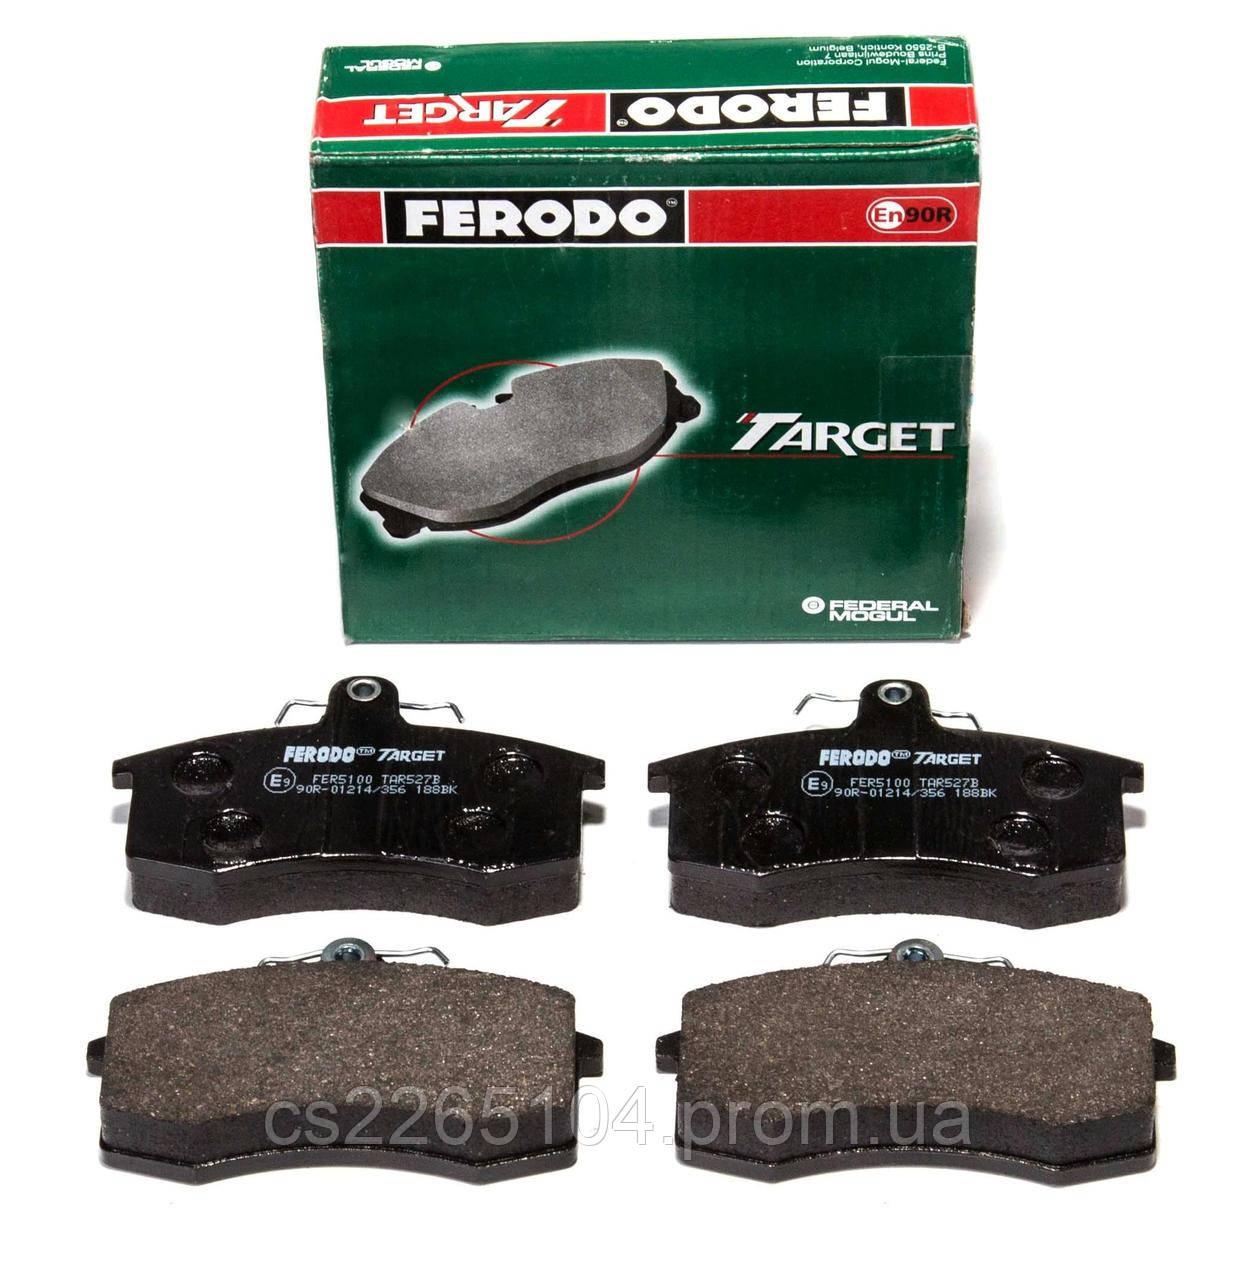 Колодки тормозные передние ВАЗ 2108-2190 Ferodo